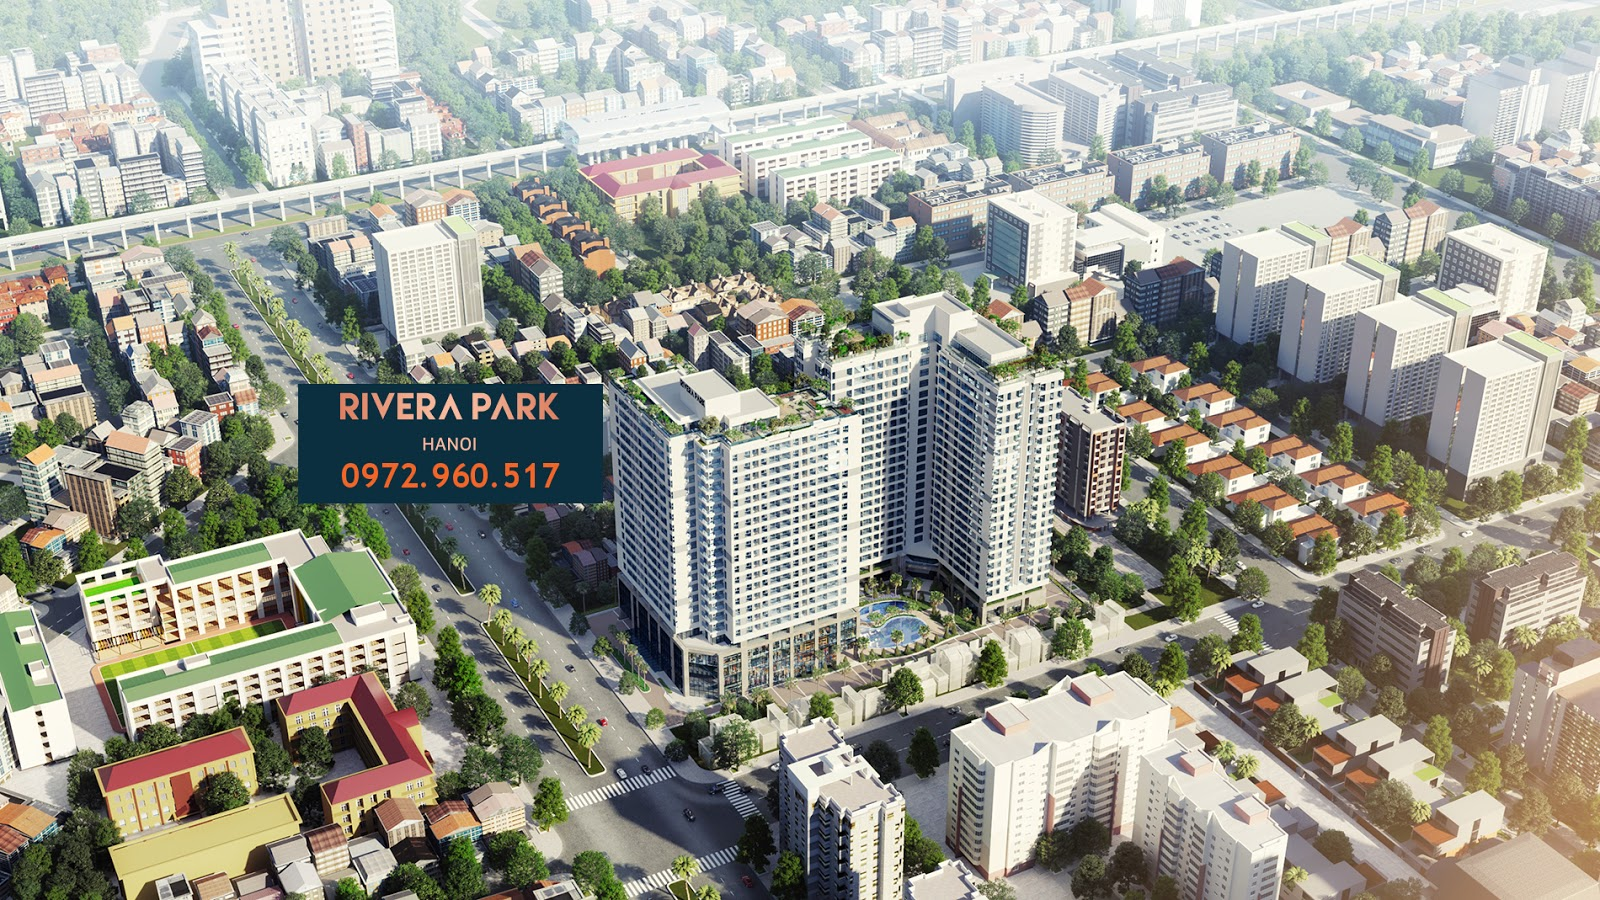 Hình ảnh dự án chung cư Rivera Park Hà Nội 69 Vũ Trọng Phụng năm 2018